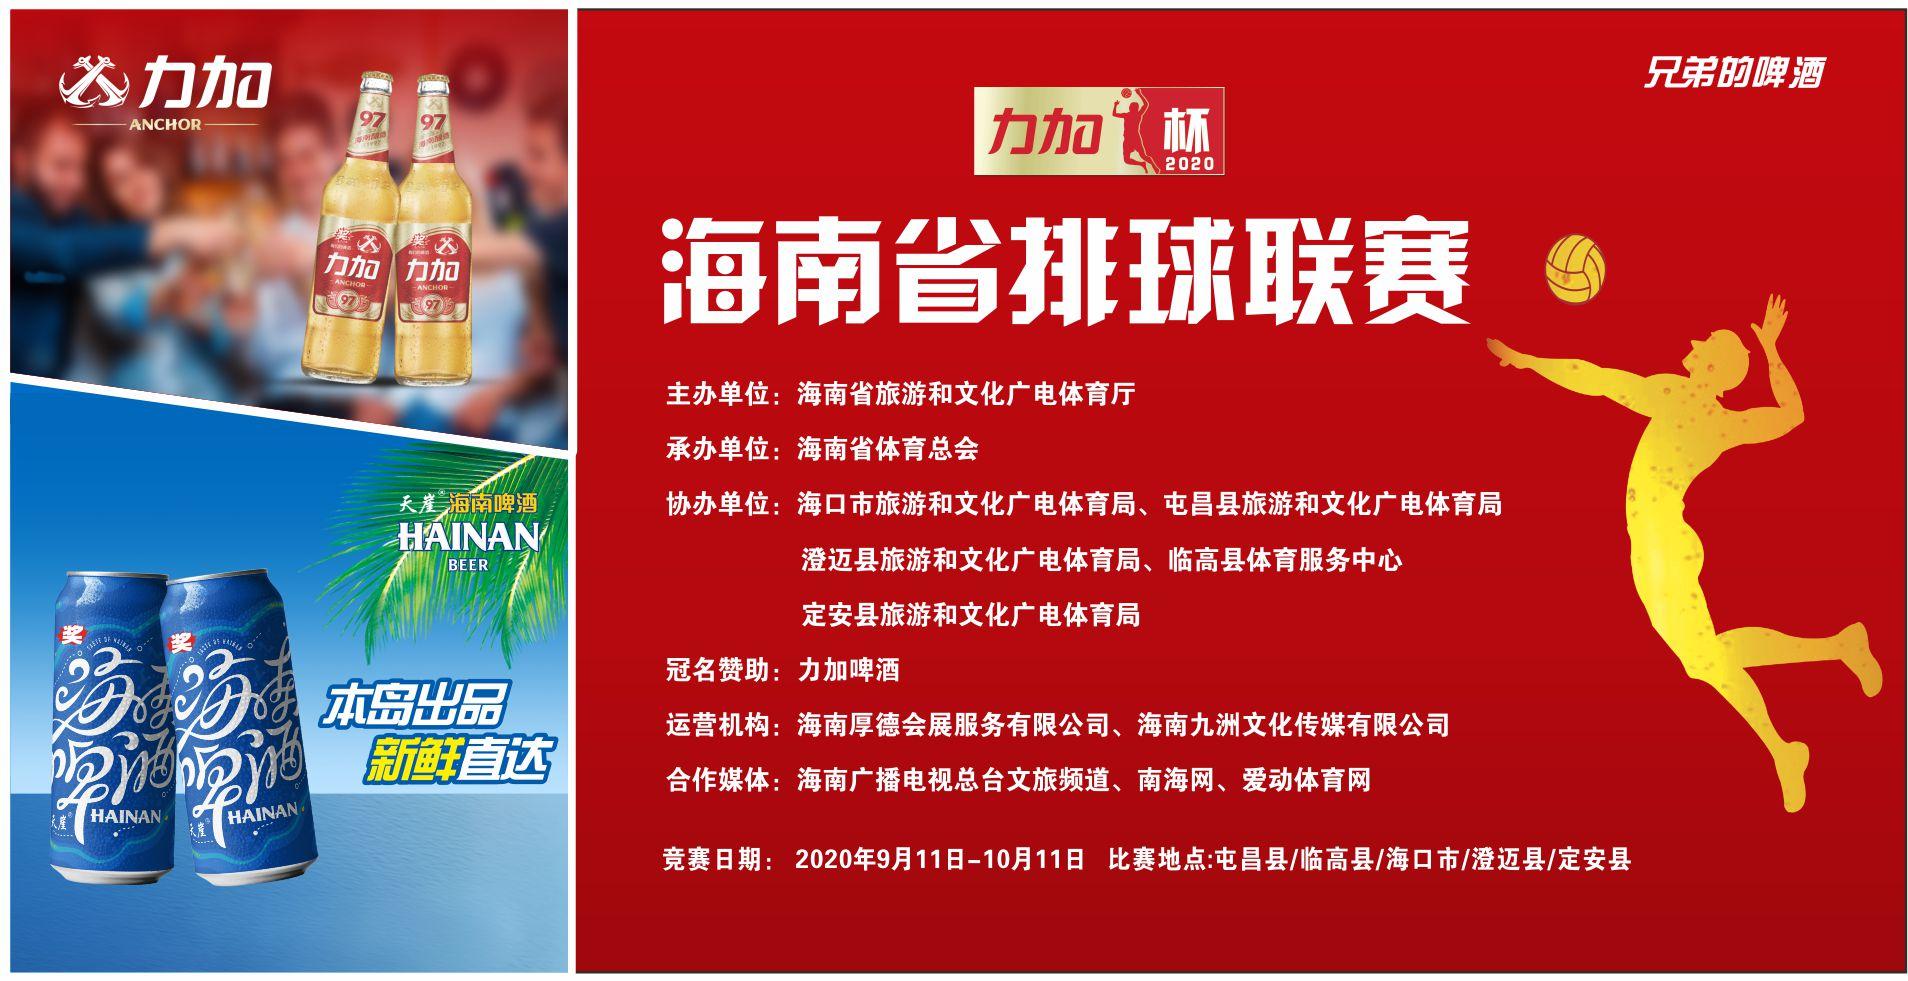 """【回放】2020""""力加杯""""biwei必威体育备用网站省排球联赛 9月19日晚上 B组"""